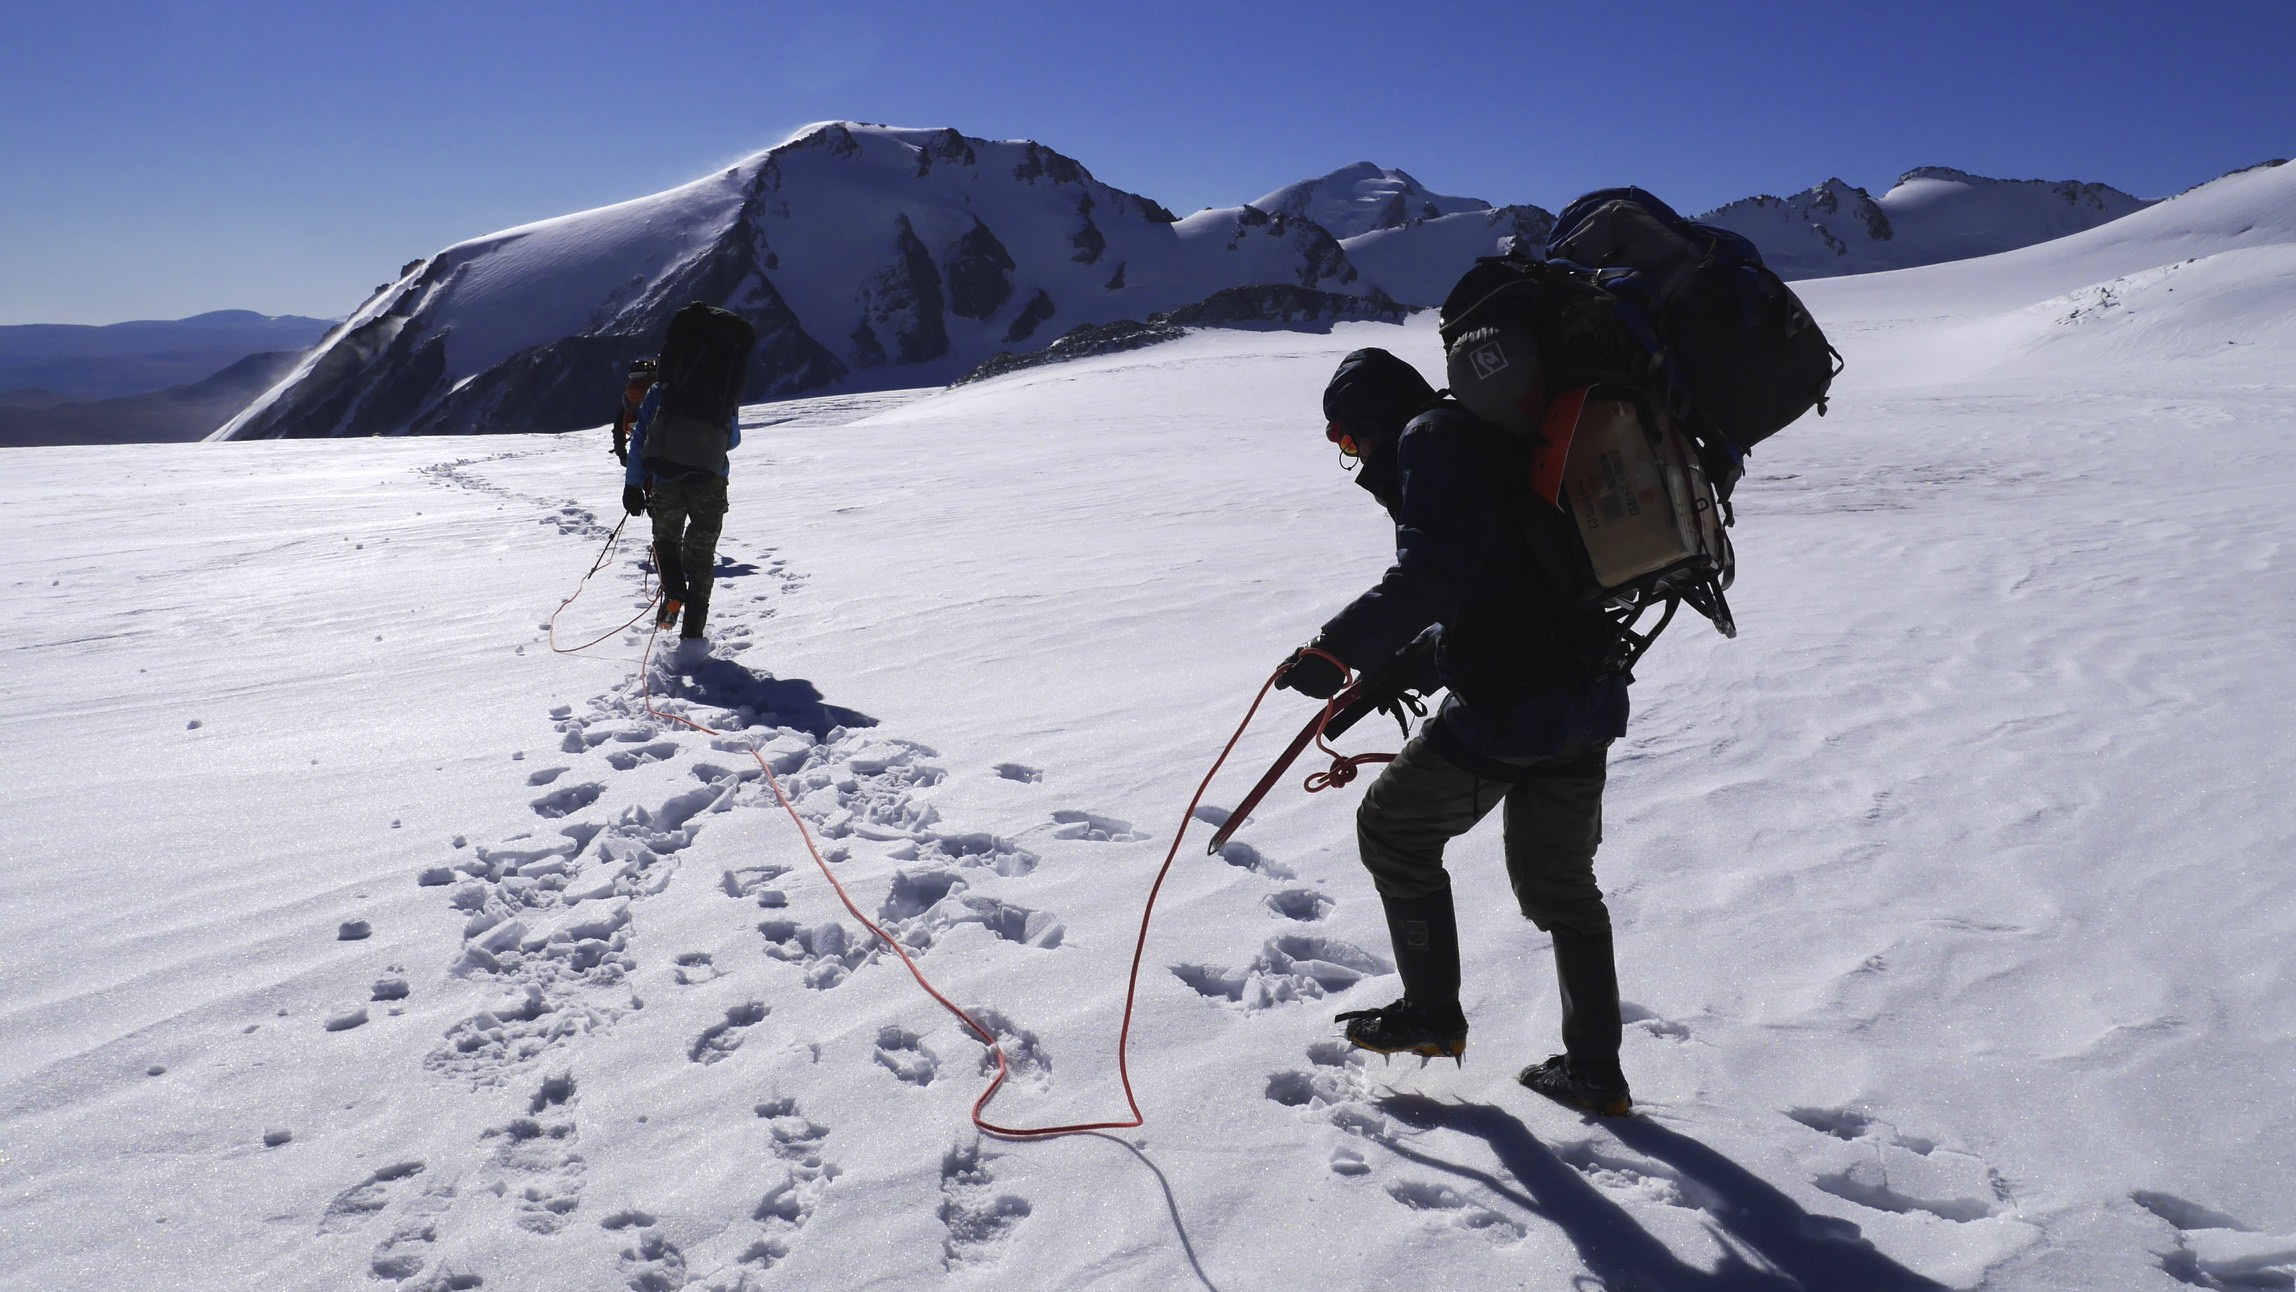 On the Potaniin Glacier.